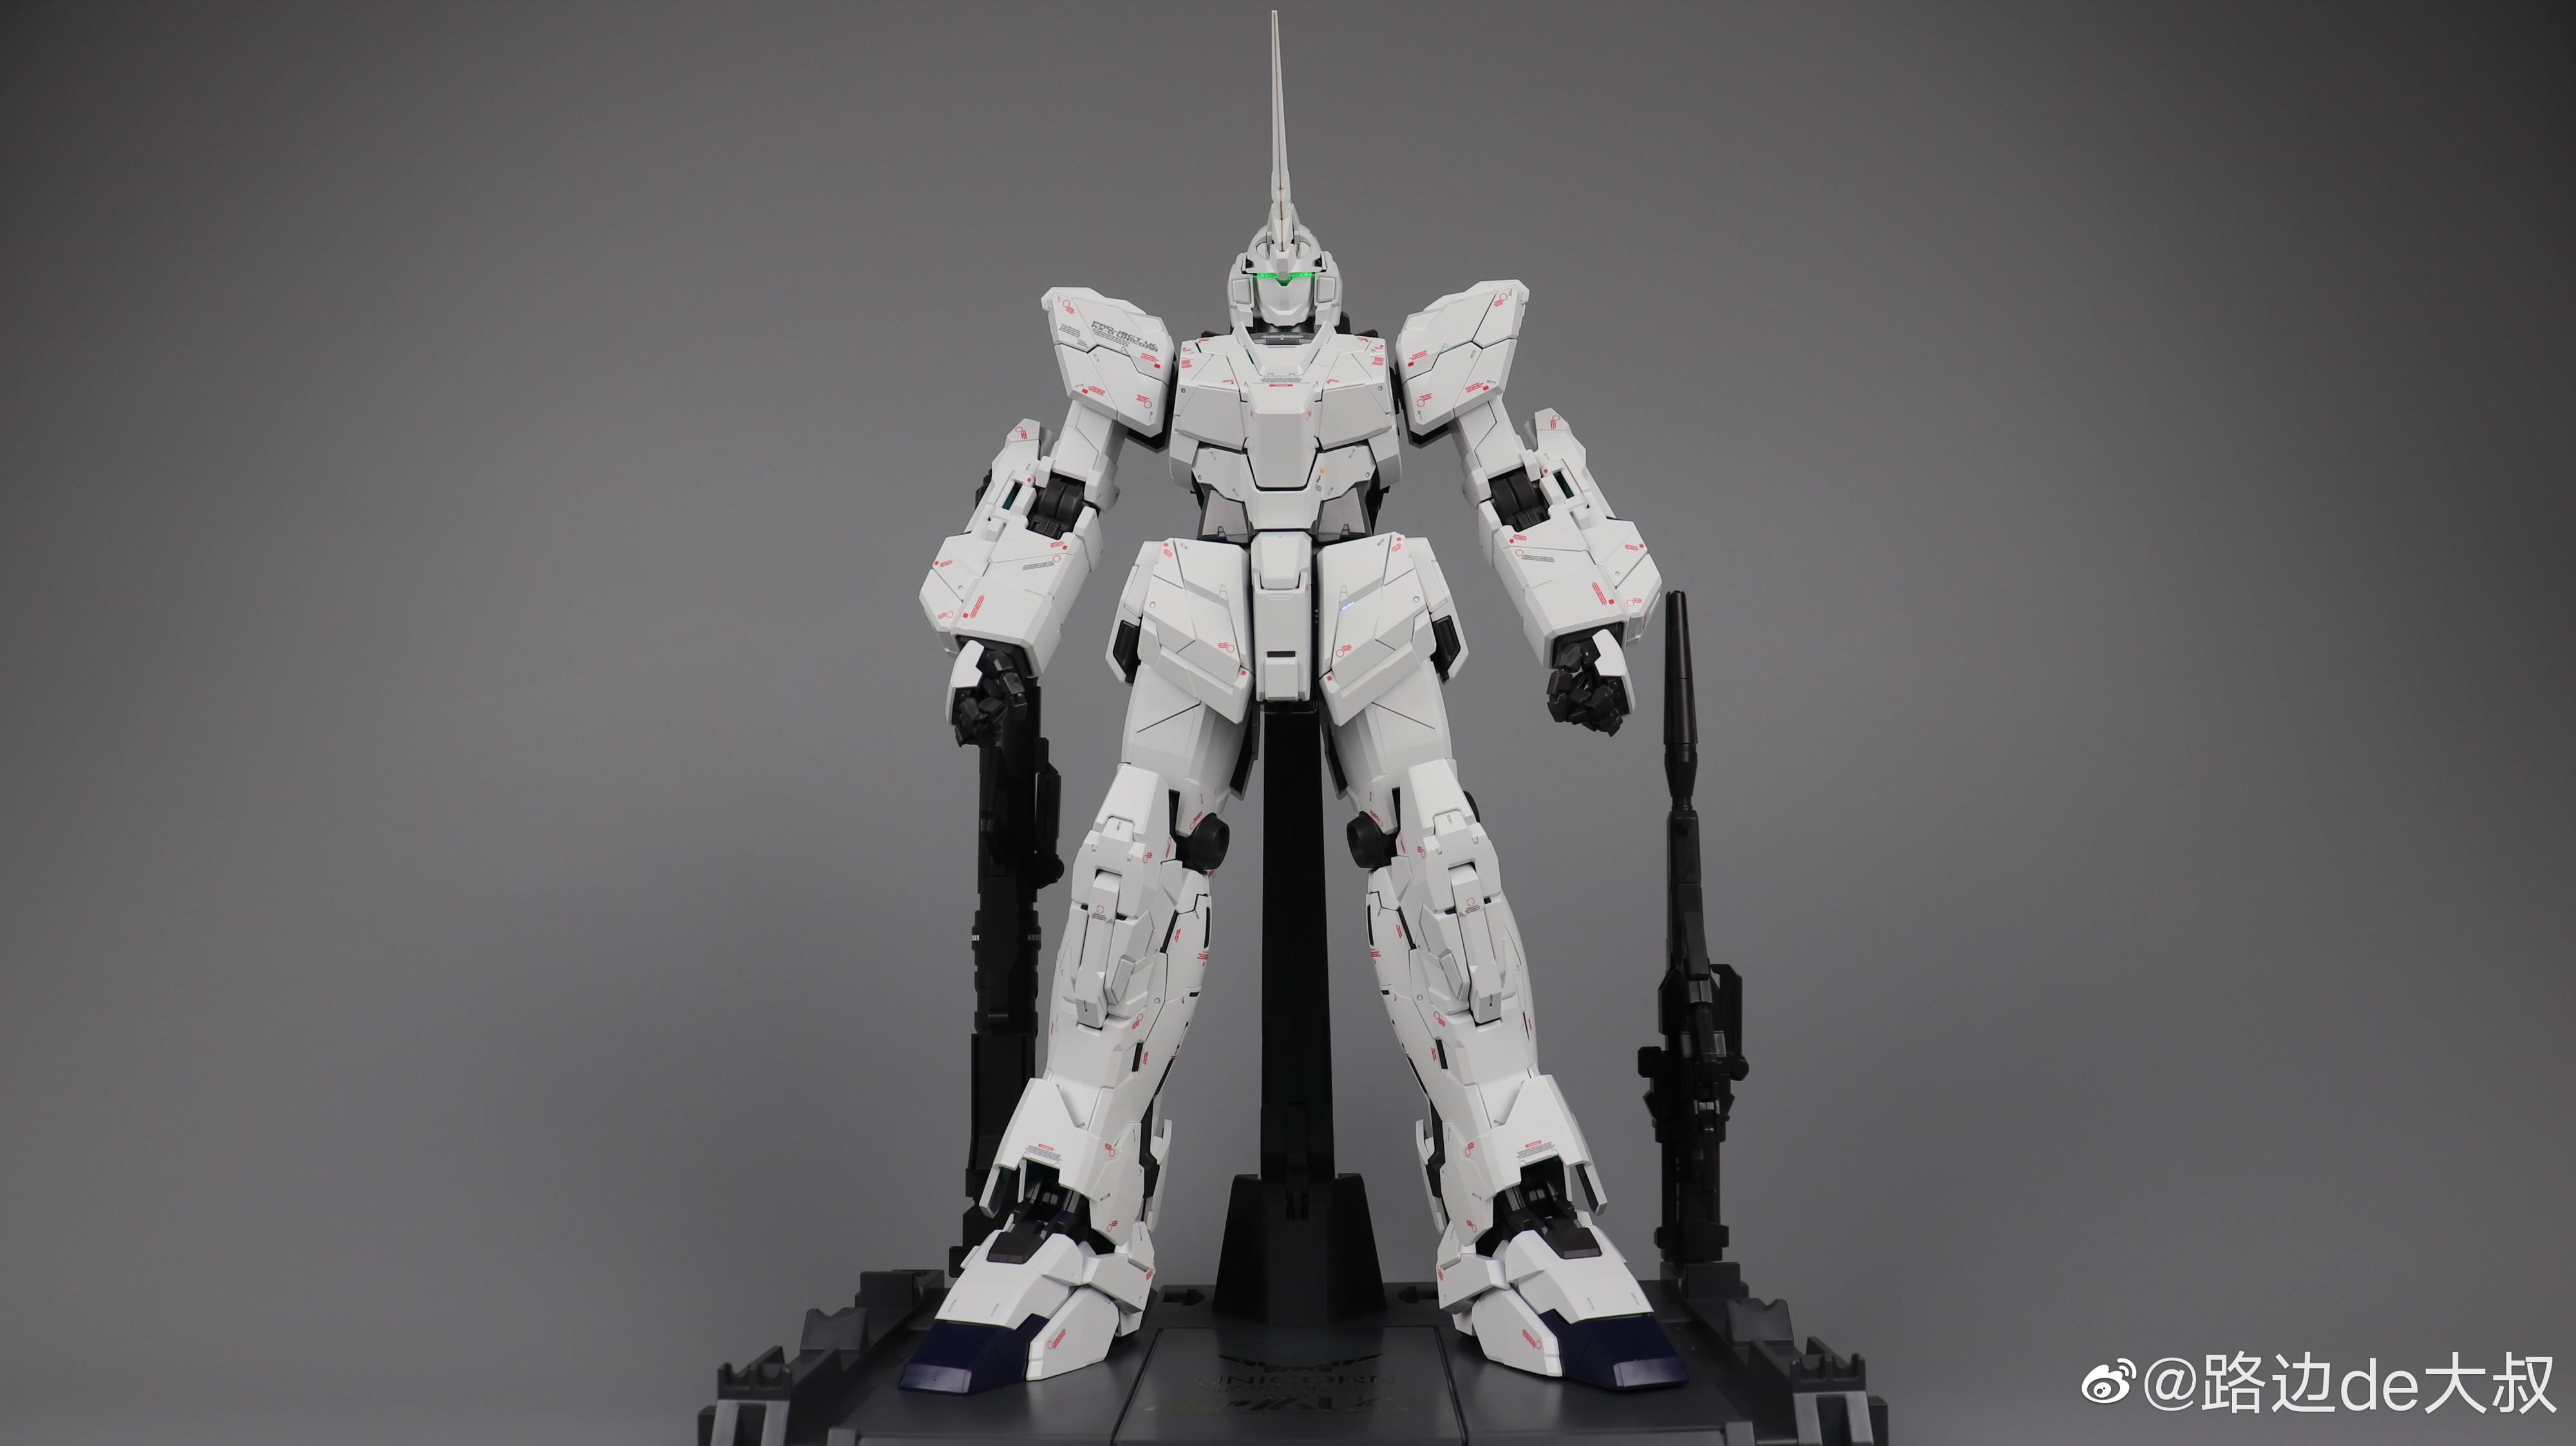 S436_PG_unicorn_led_K_002.jpg